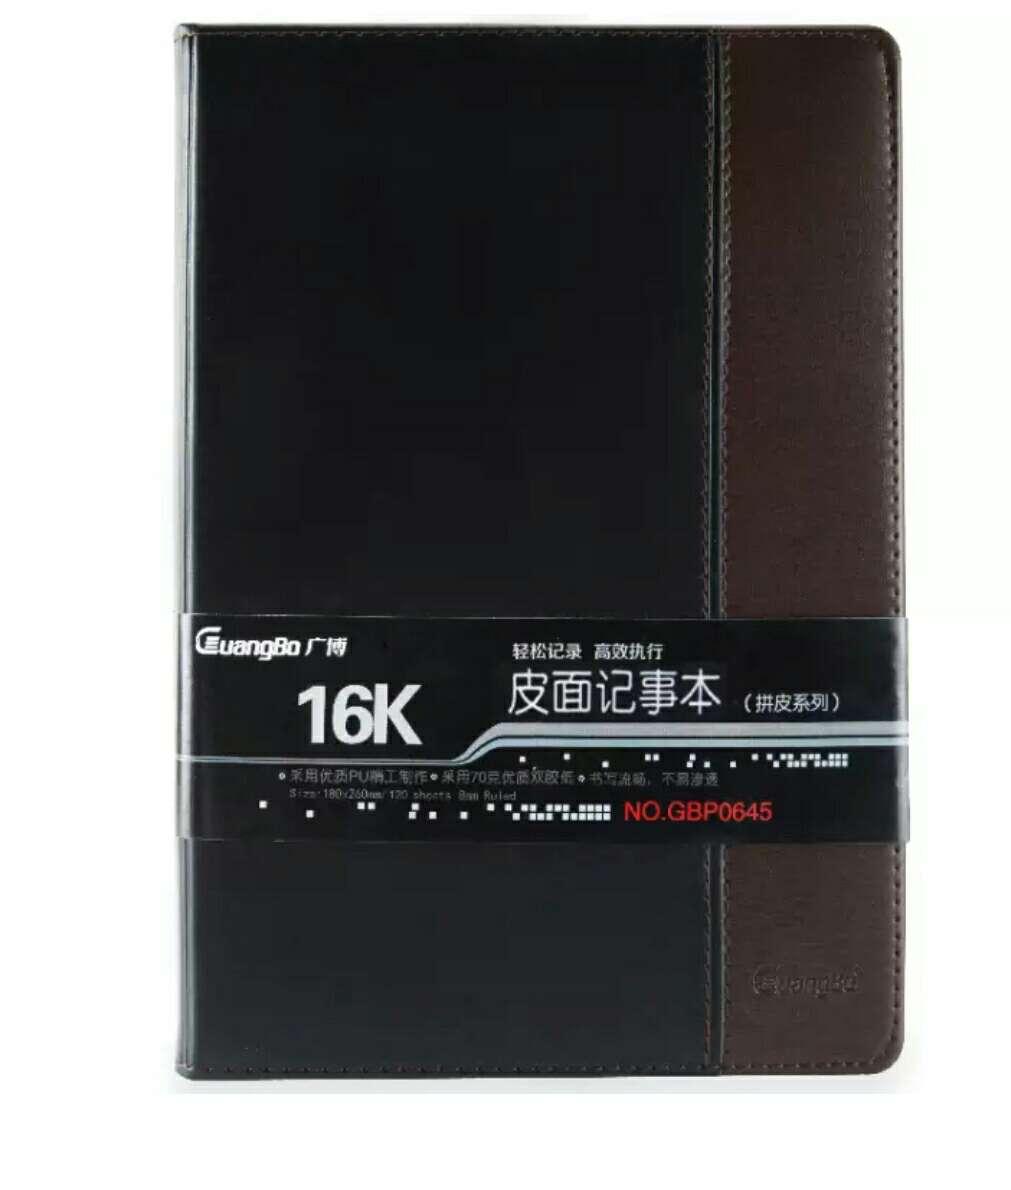 cheap air max 90 wholesale 00964092 store